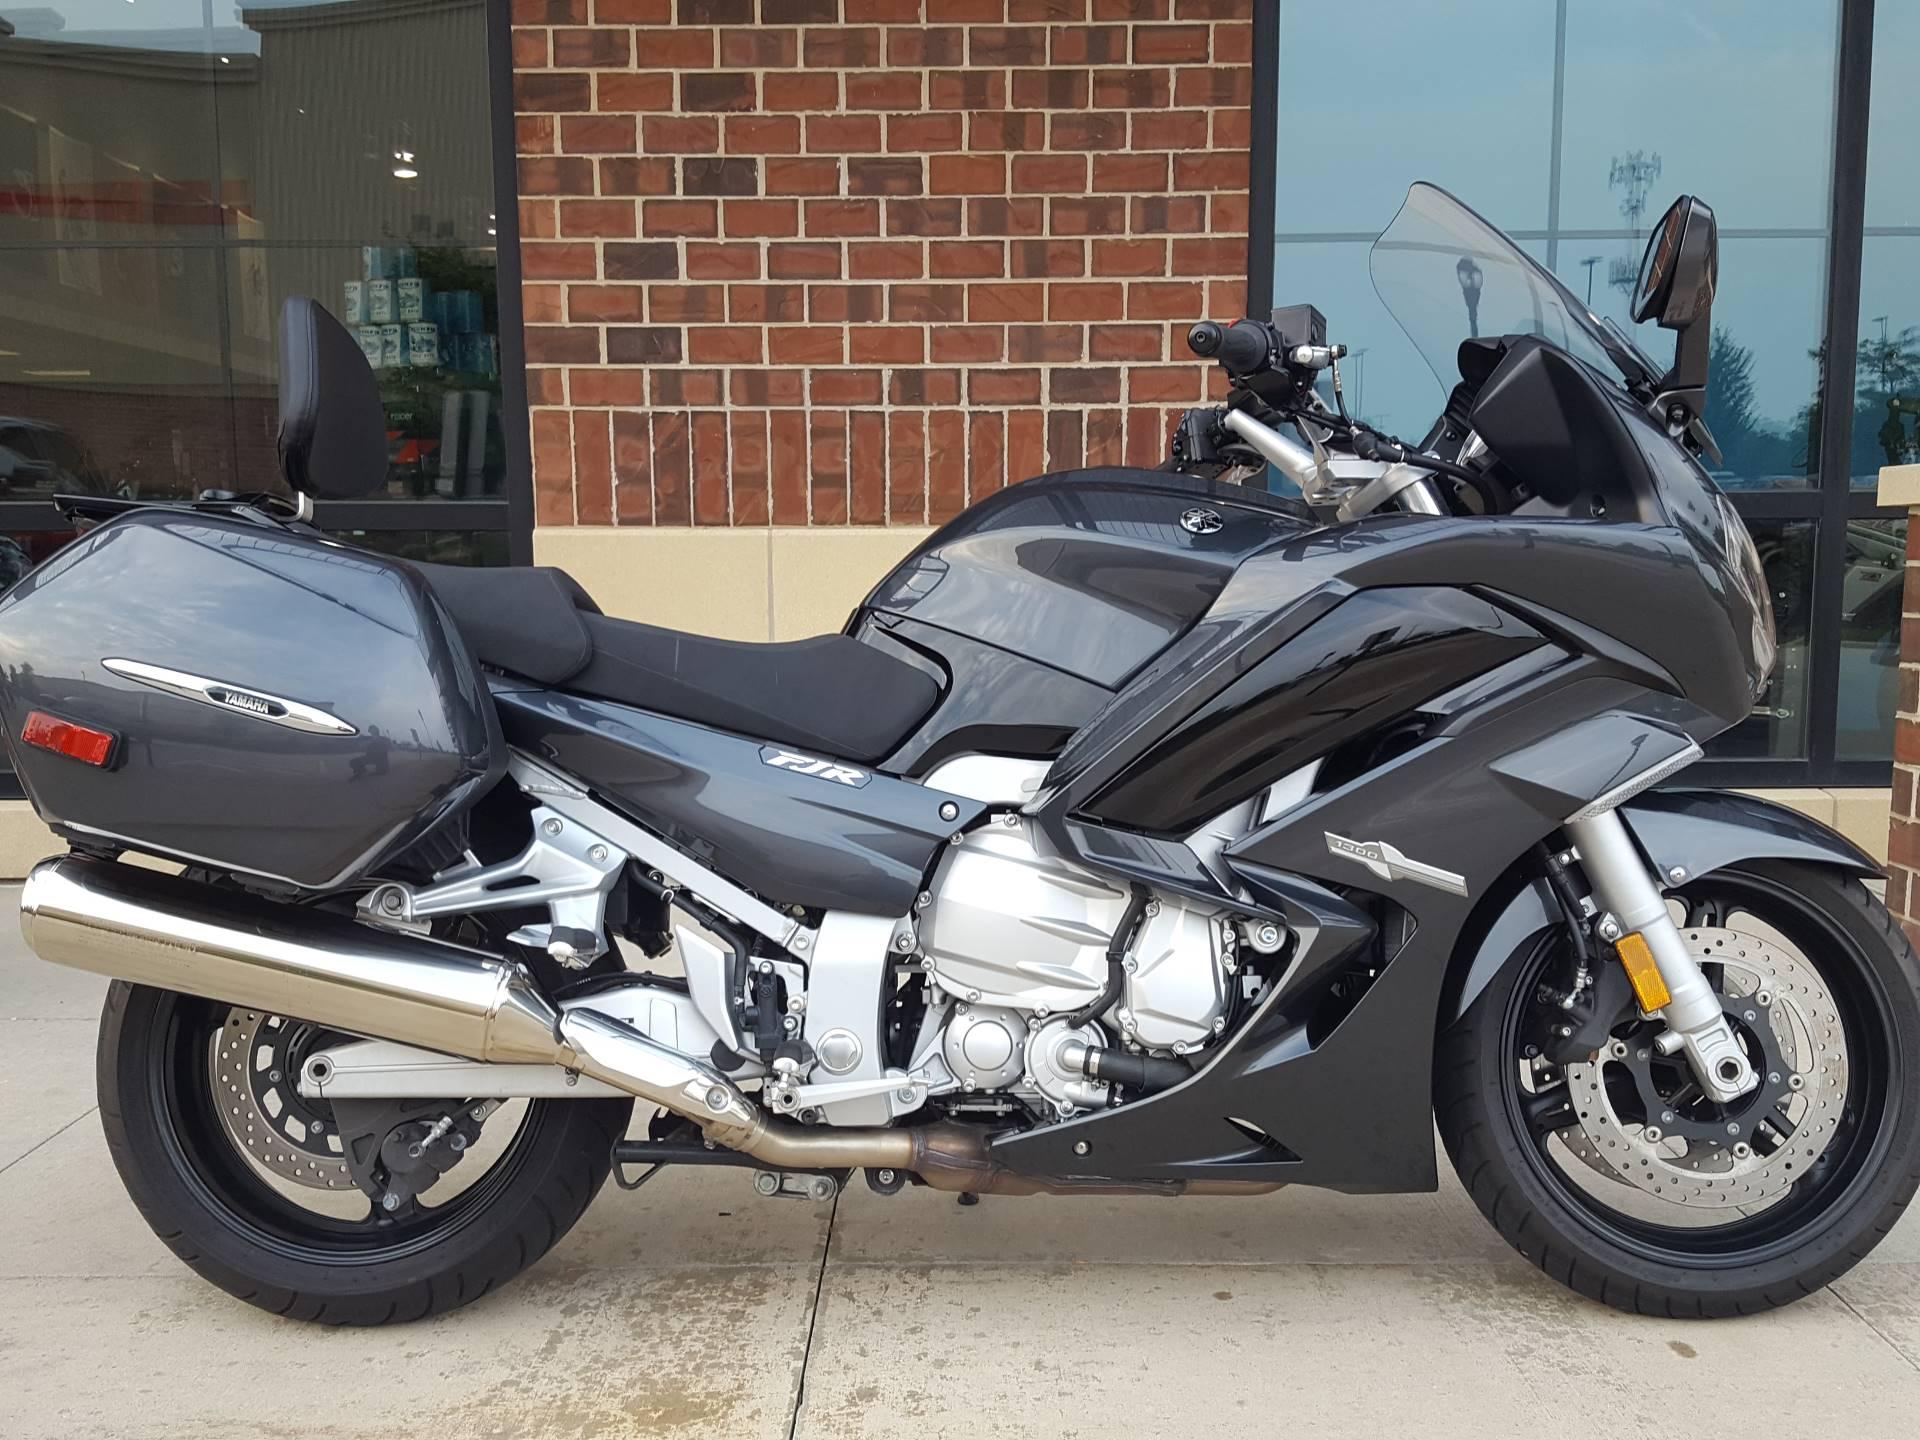 2015 Yamaha FJR1300A for sale 230550